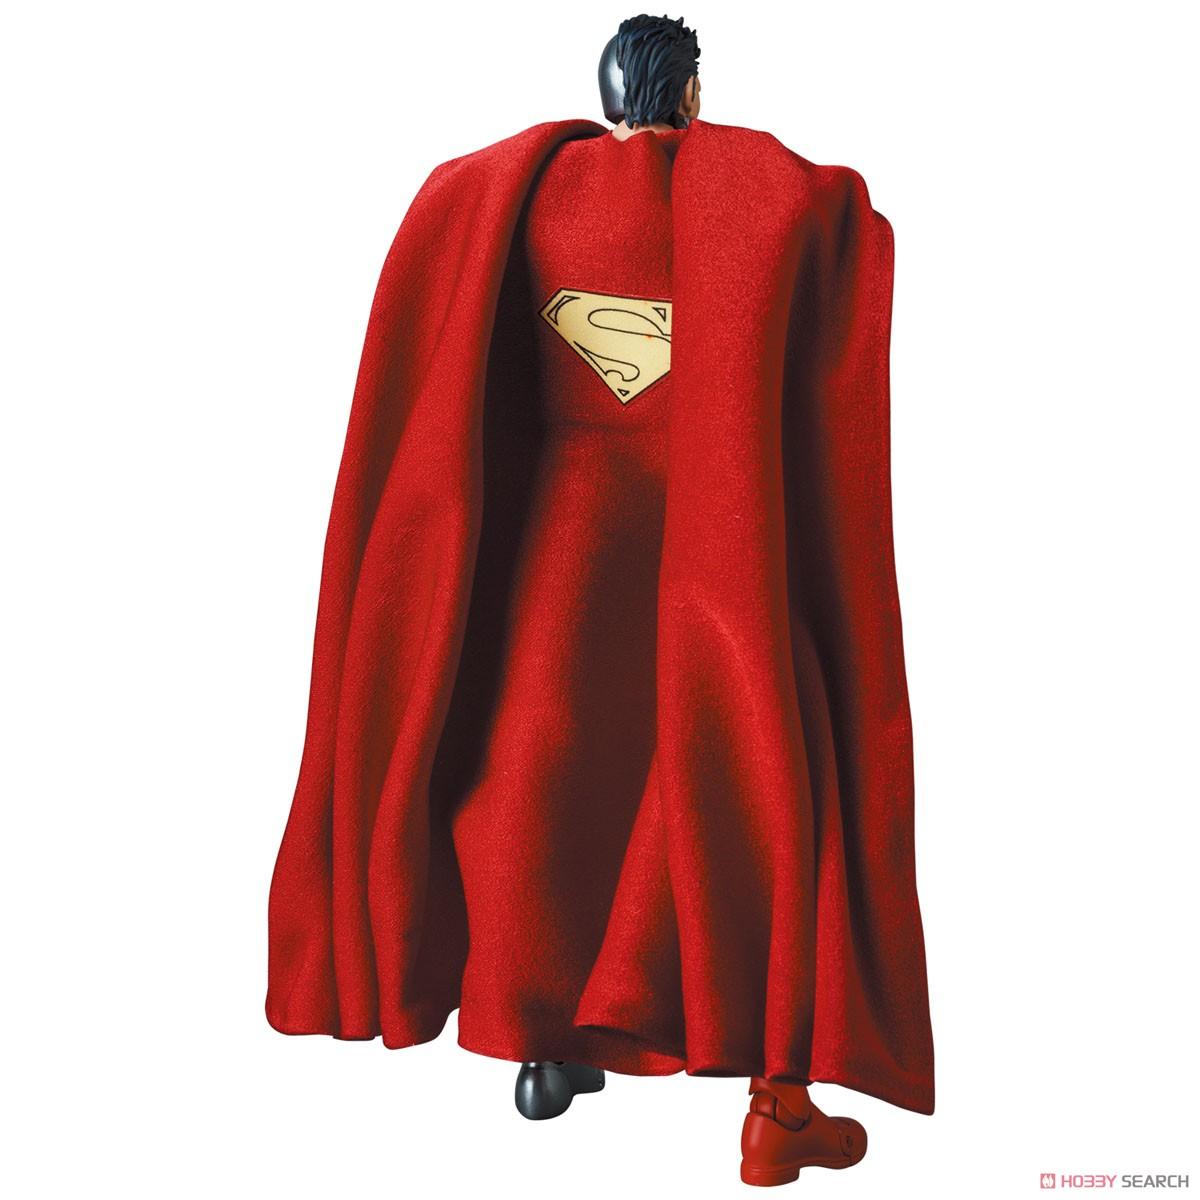 マフェックス No.164 MAFEX『サイボーグ スーパーマン/CYBORG SUPERMAN(RETURN OF SUPERMAN)』リターン・オブ・スーパーマン 可動フィギュア-005